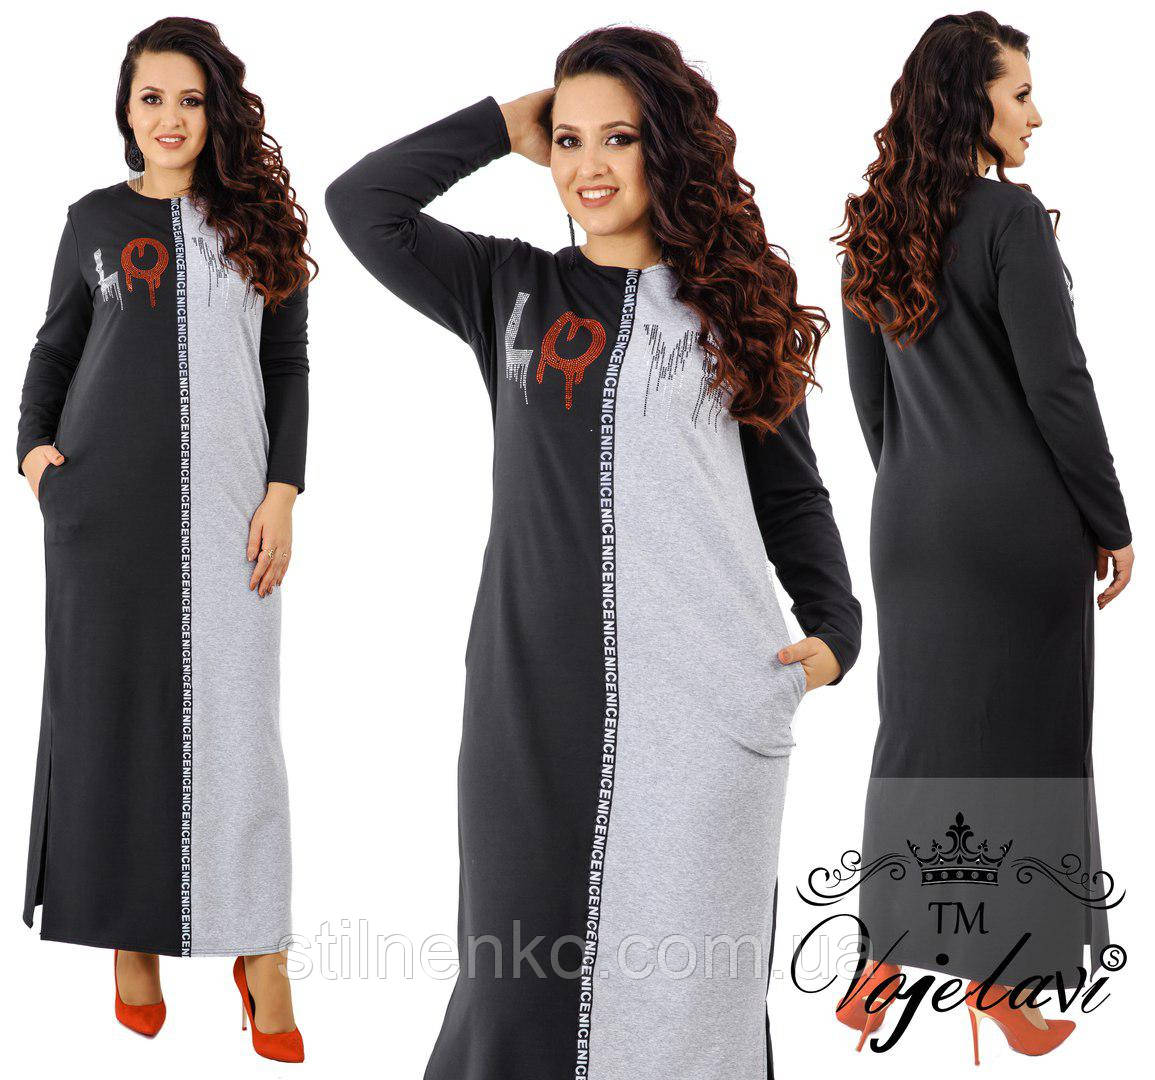 Спортивное женское платье со стразами( серый )